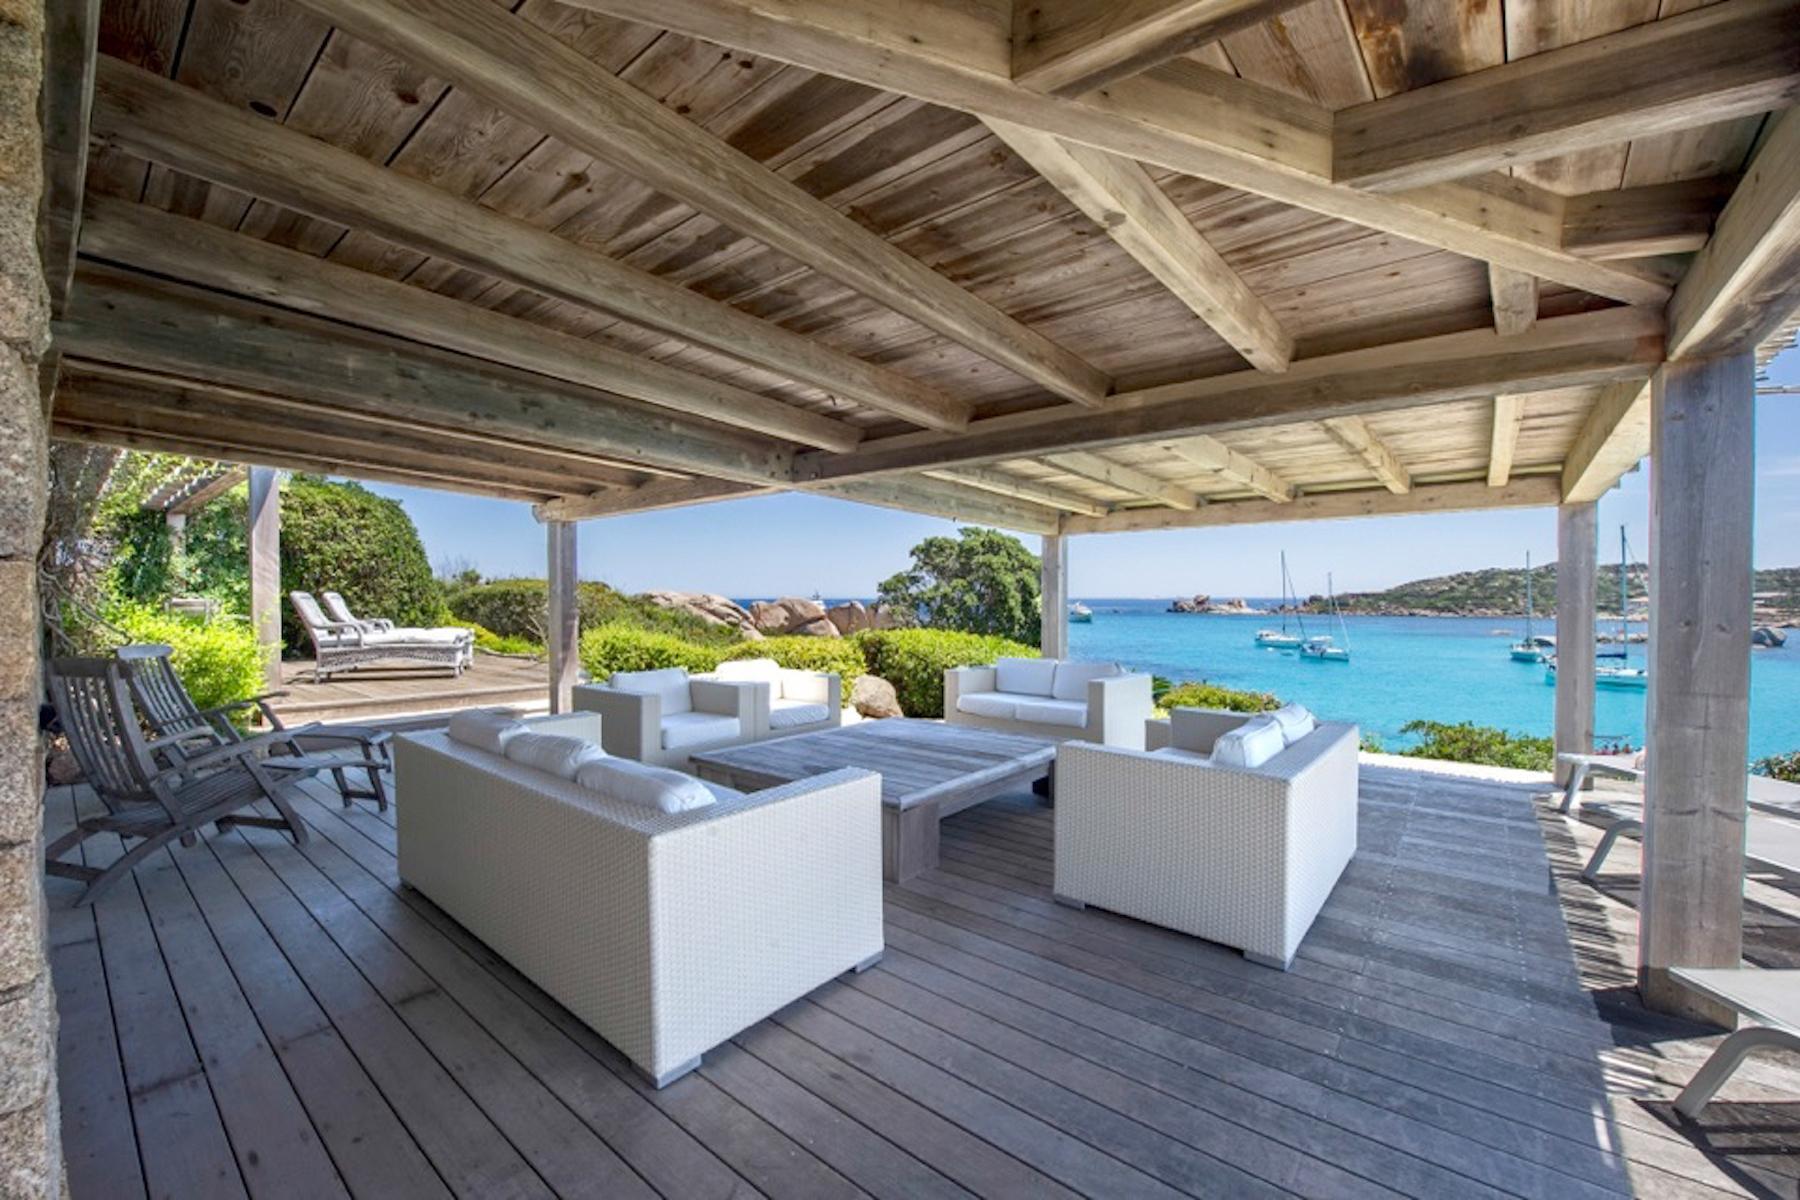 Cavallo Island, Corsica - Secluded villa with breathtaking seaview - 15